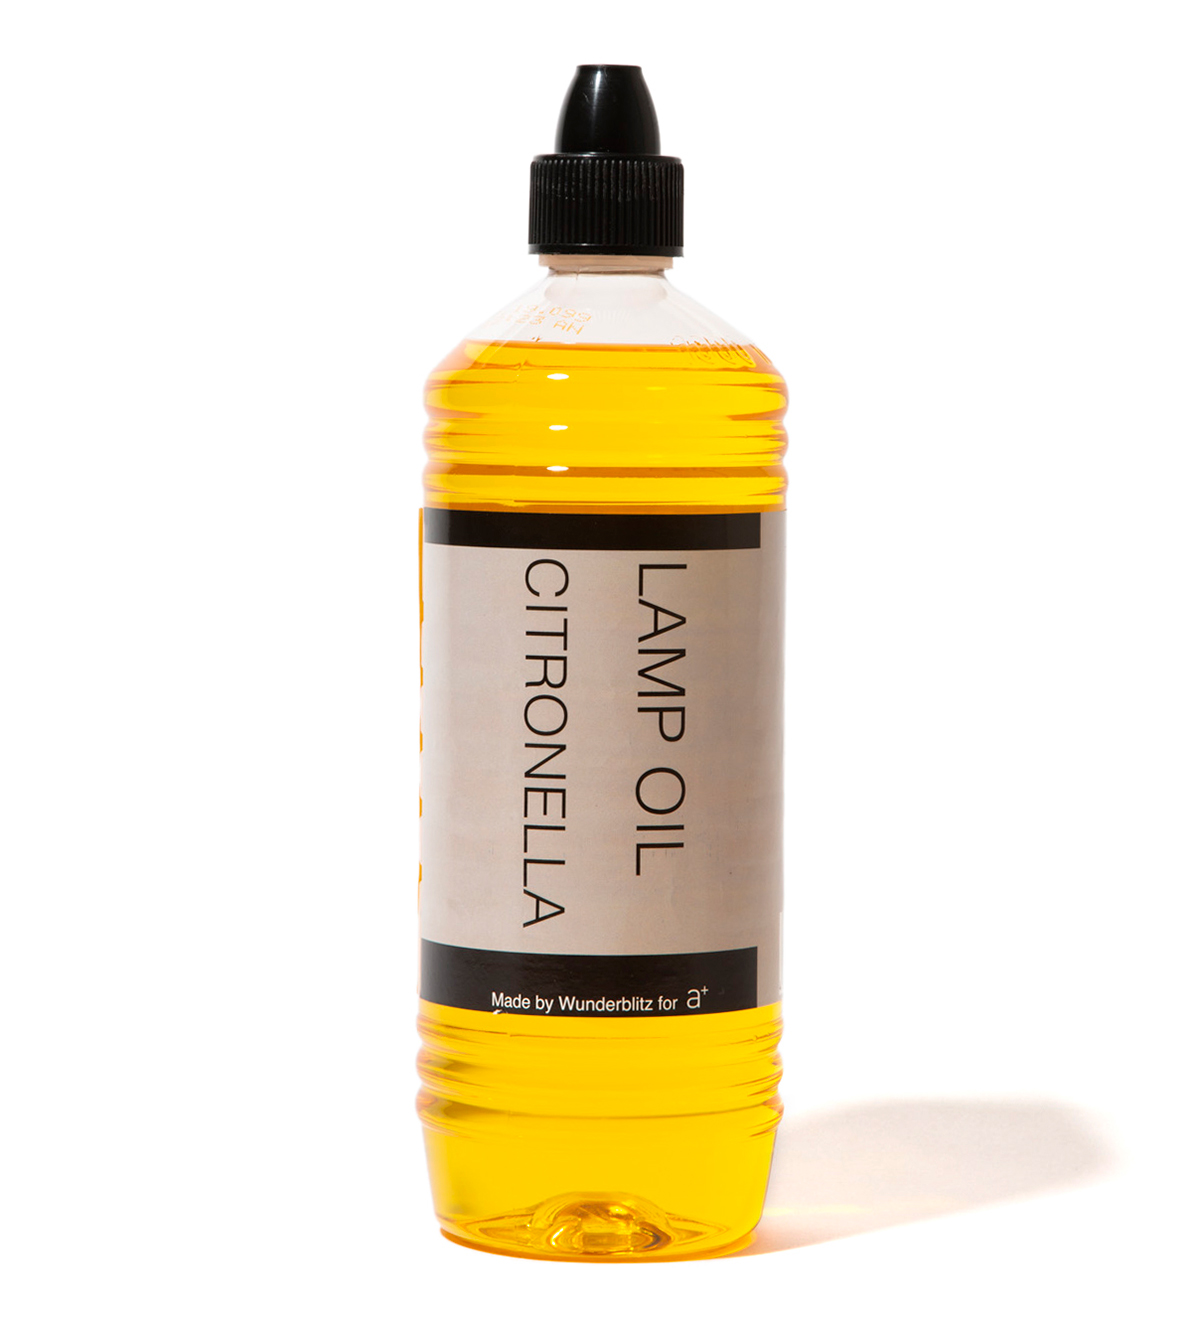 虫除けもできるシトロネラの香り。ムードメイキングしながら、爽やかな香りで虫除け対策もできる「オイルトーチ」| エープラス